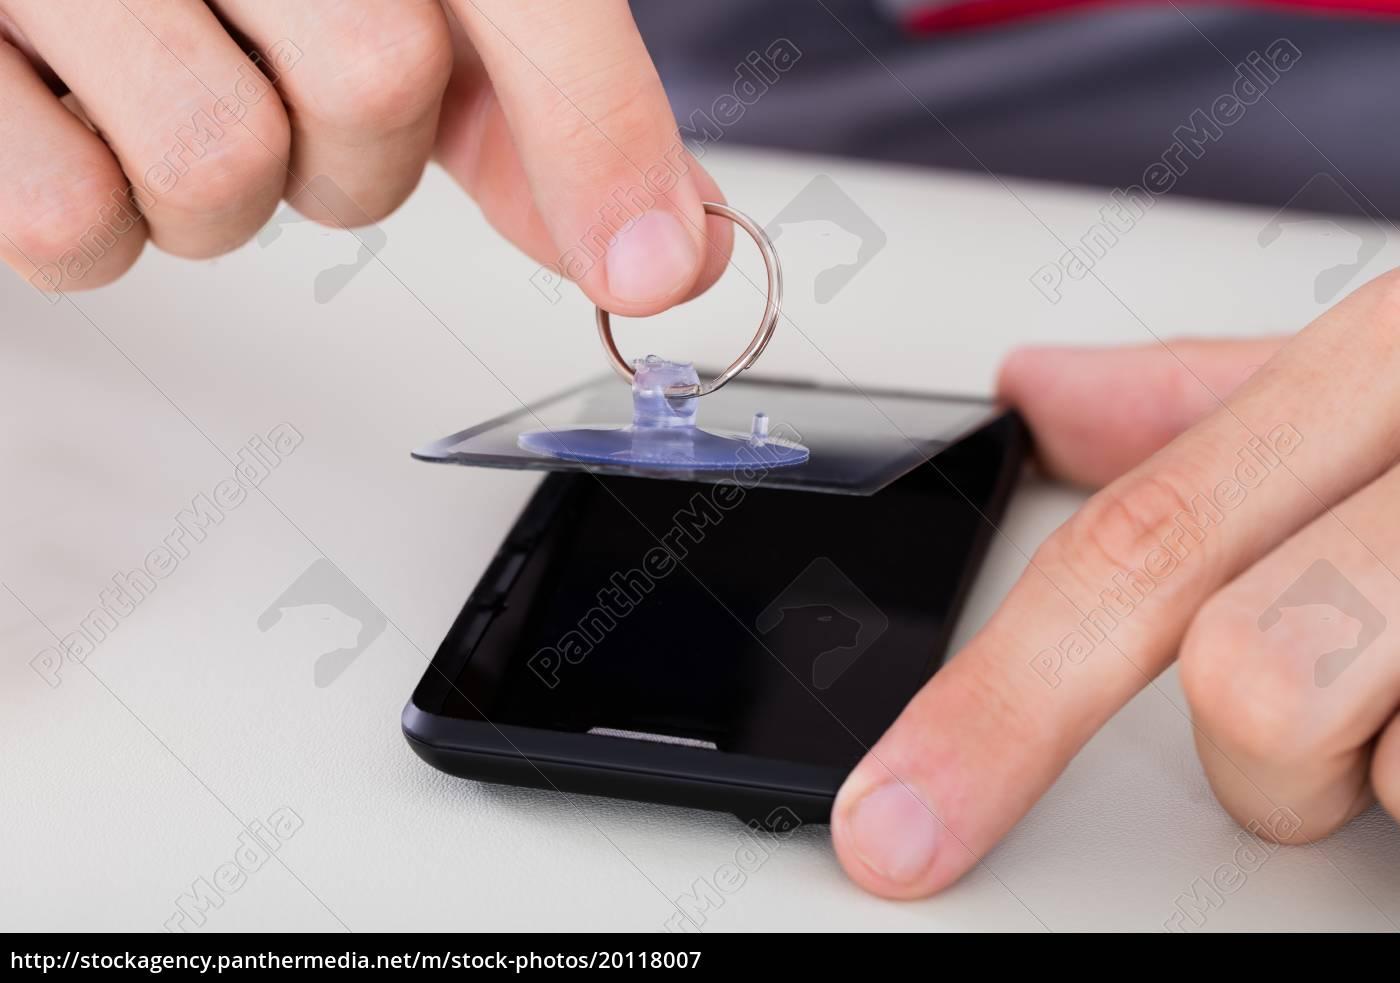 person, repairing, mobile, phone - 20118007